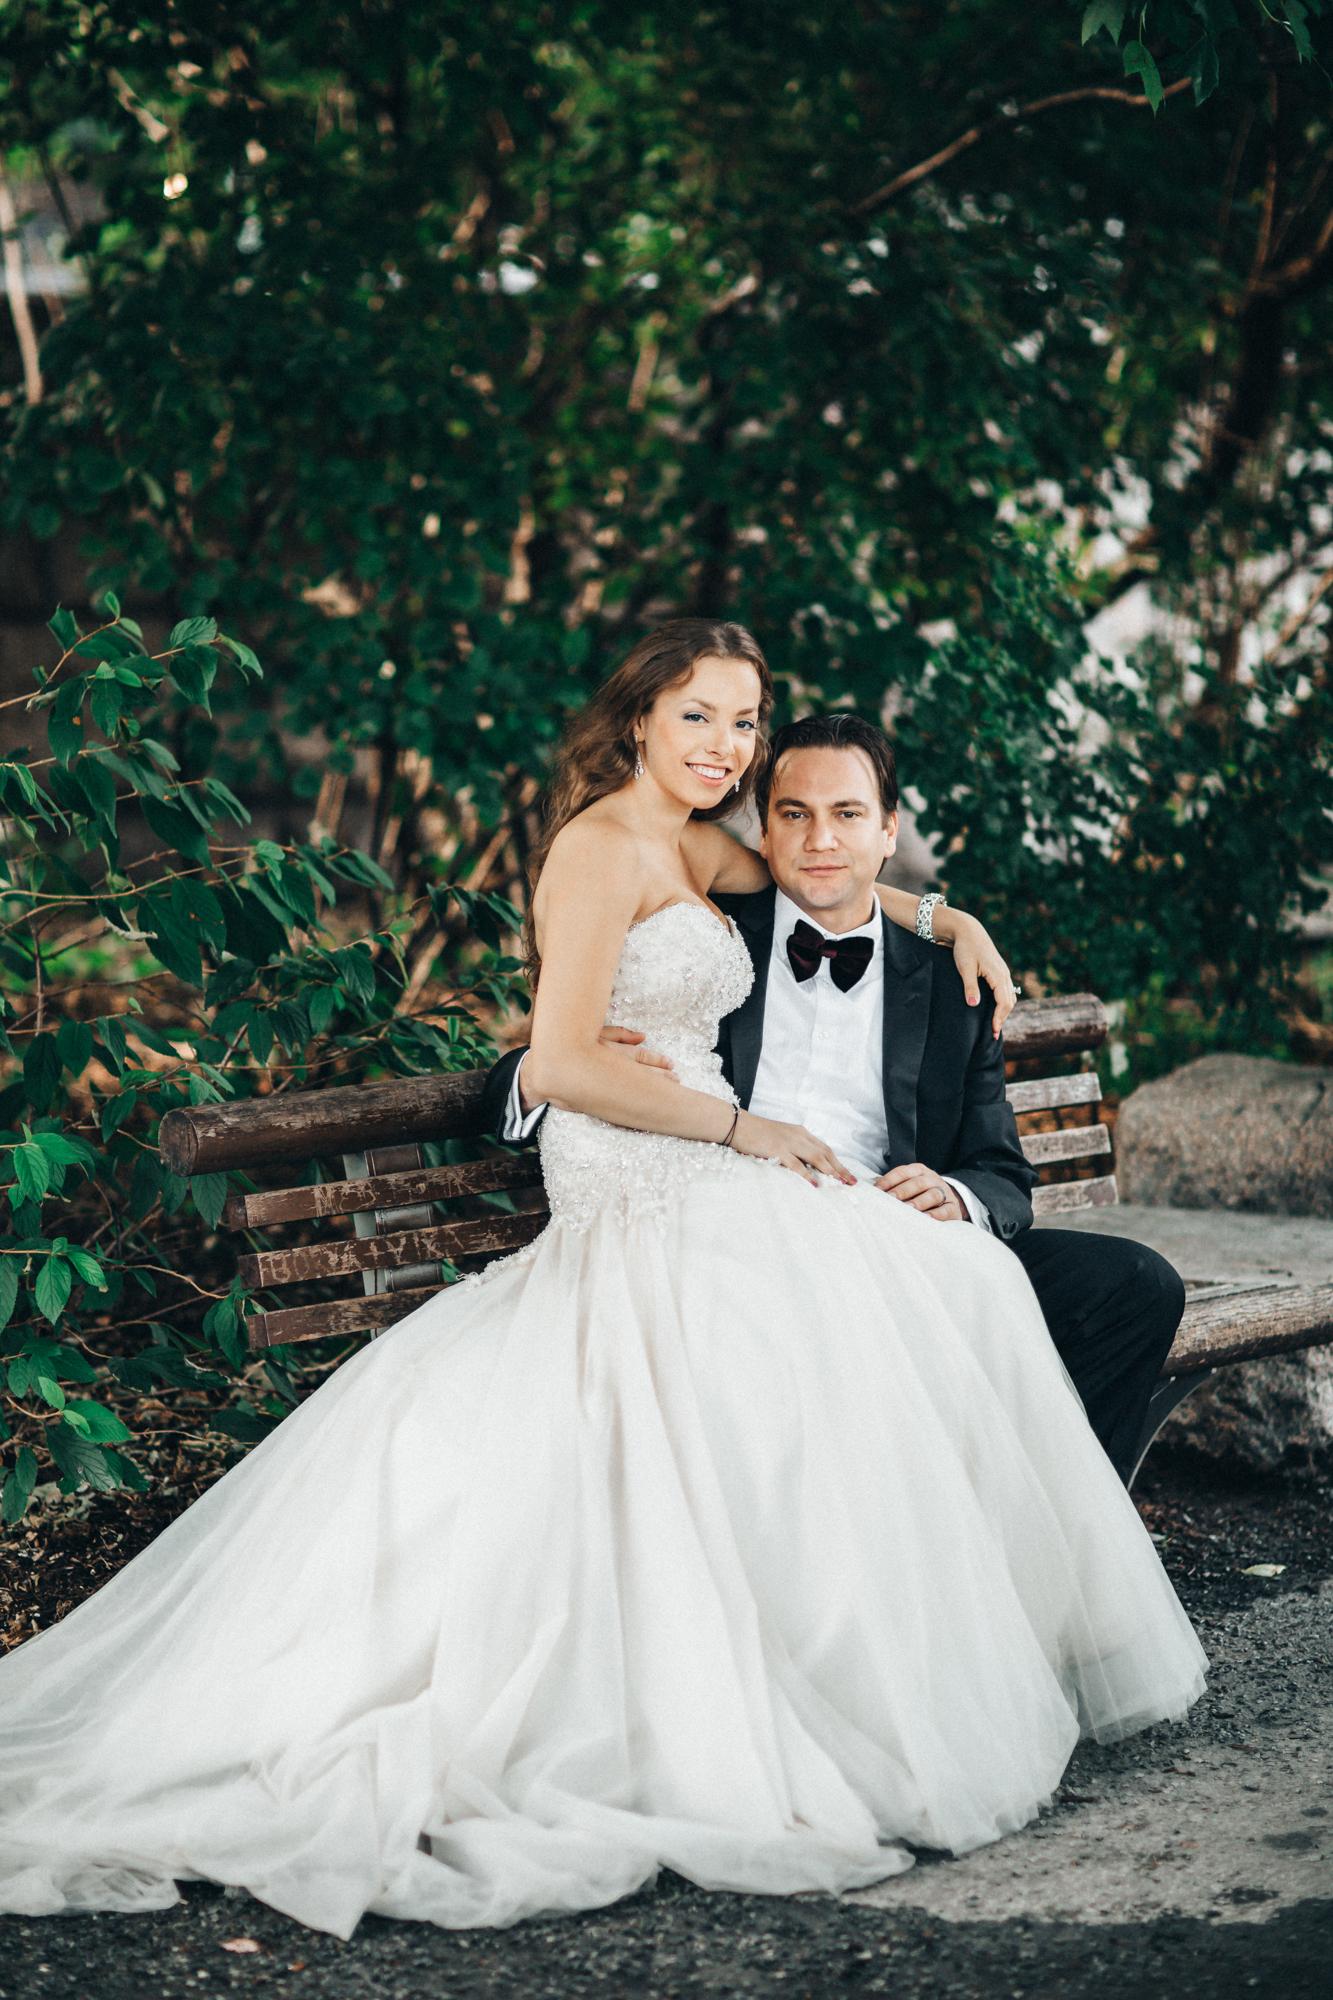 New York Wedding Photographer Boris Zaretsky Boris_Zaretsky_Photography__B2C6581 copy.jpg